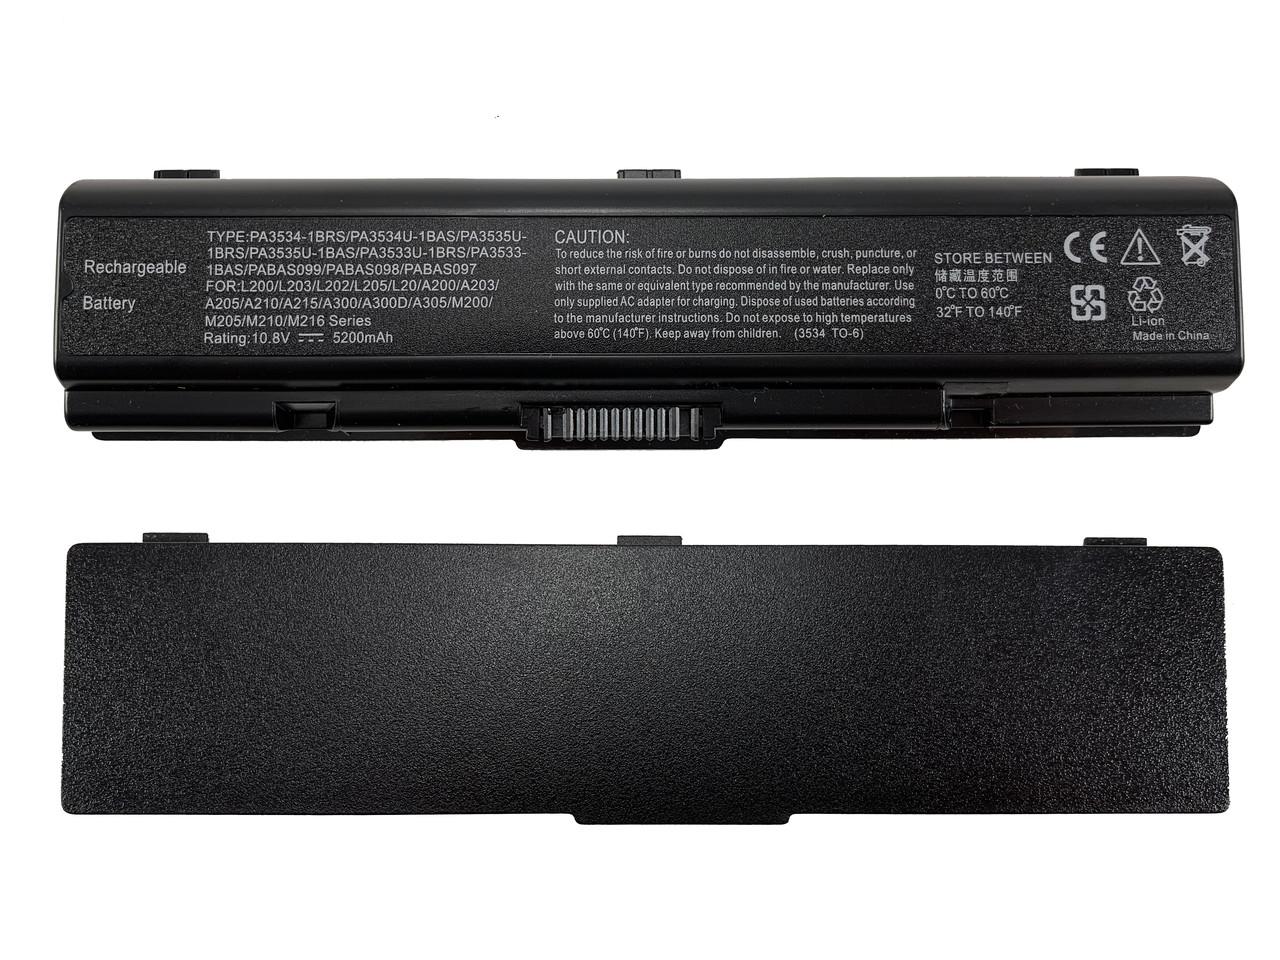 Батарея для ноутбука Toshiba PA3534 (A200, A215, A300, A350, A500, L300, L450, L500) 10.8V 5200mAh